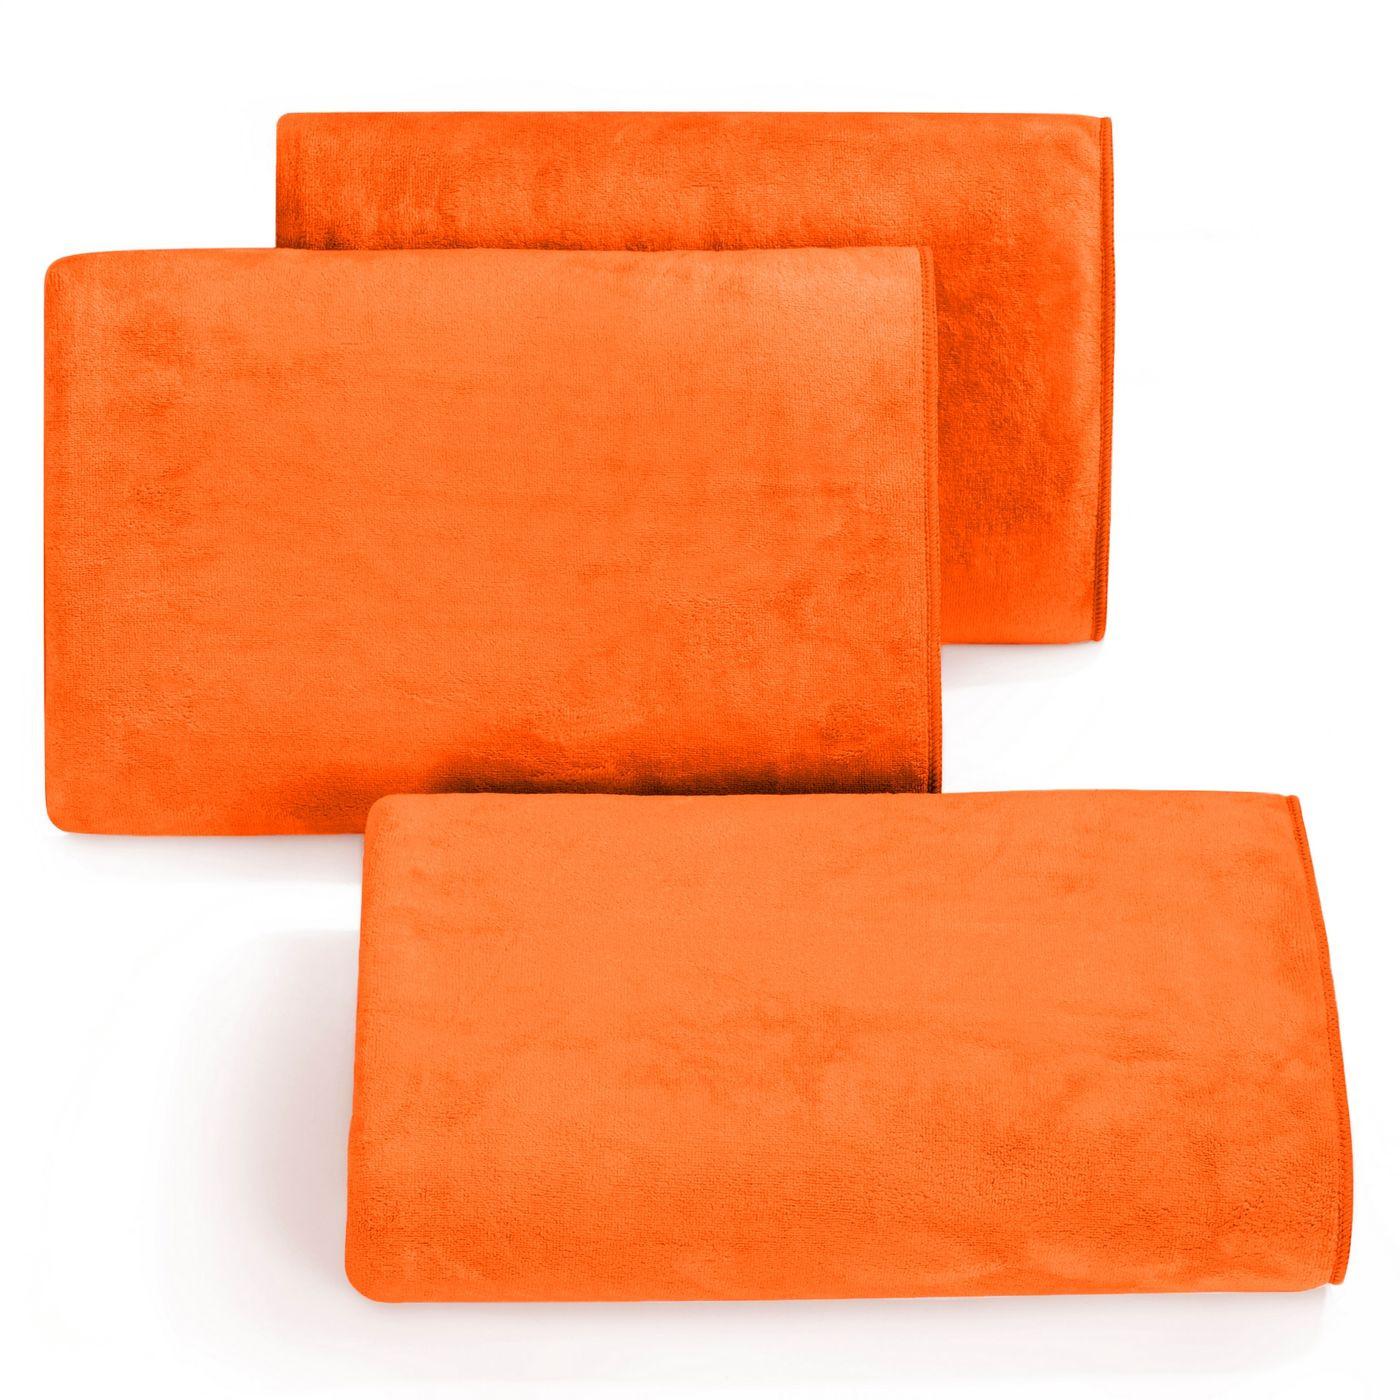 Ręcznik z mikrofibry szybkoschnący jasnopomarańczowy 50x90cm